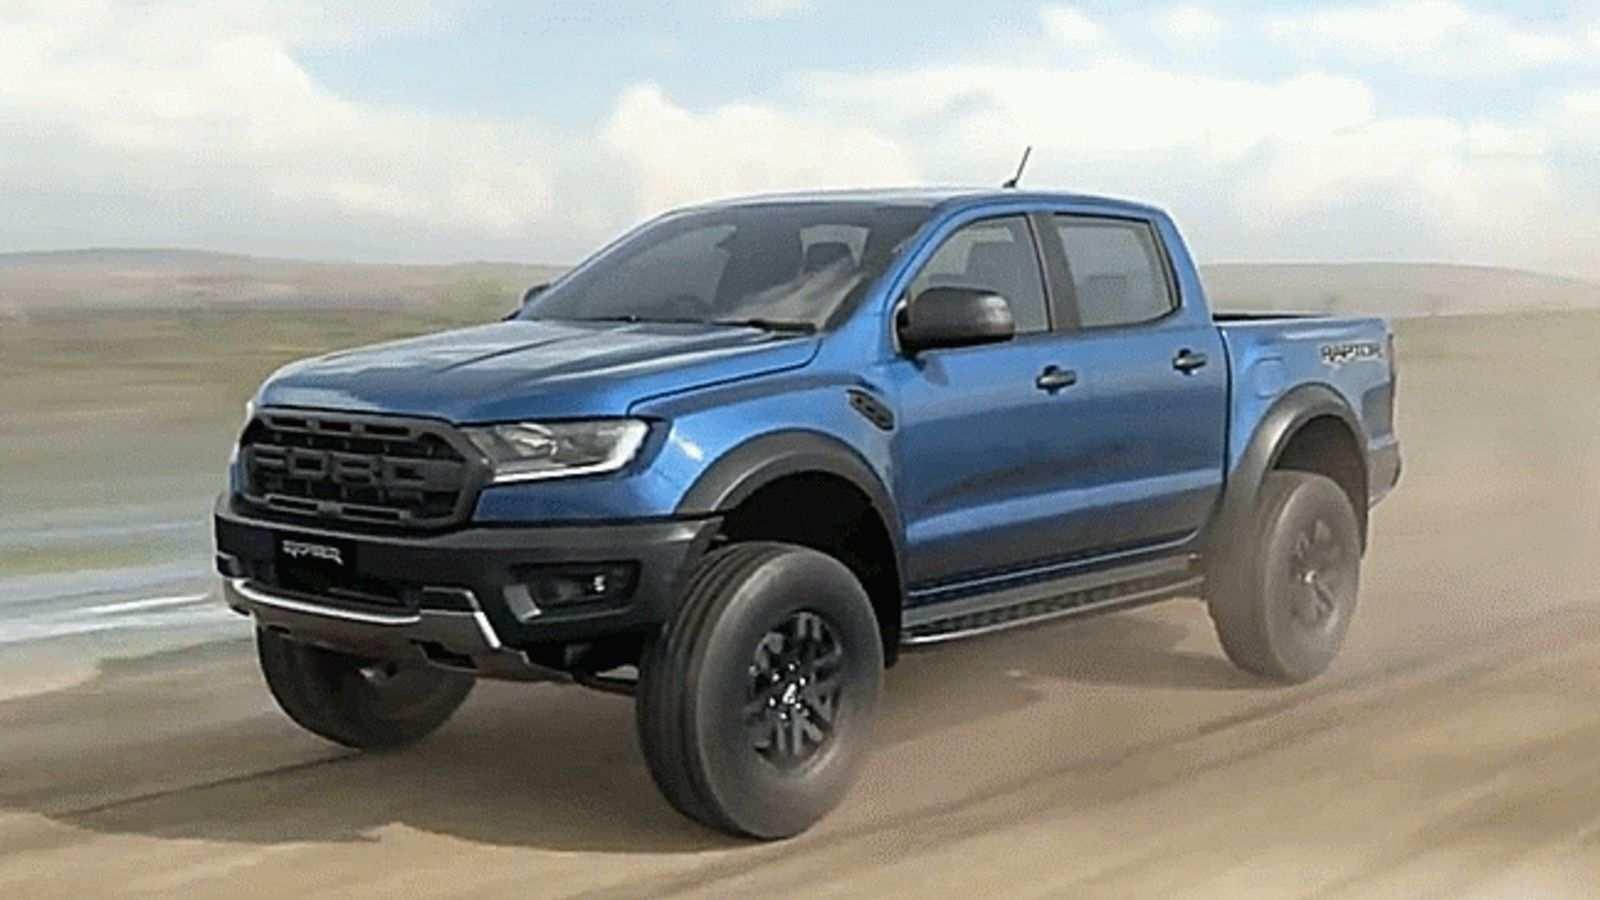 63 All New 2019 Ford Ranger Raptor Ratings by 2019 Ford Ranger Raptor